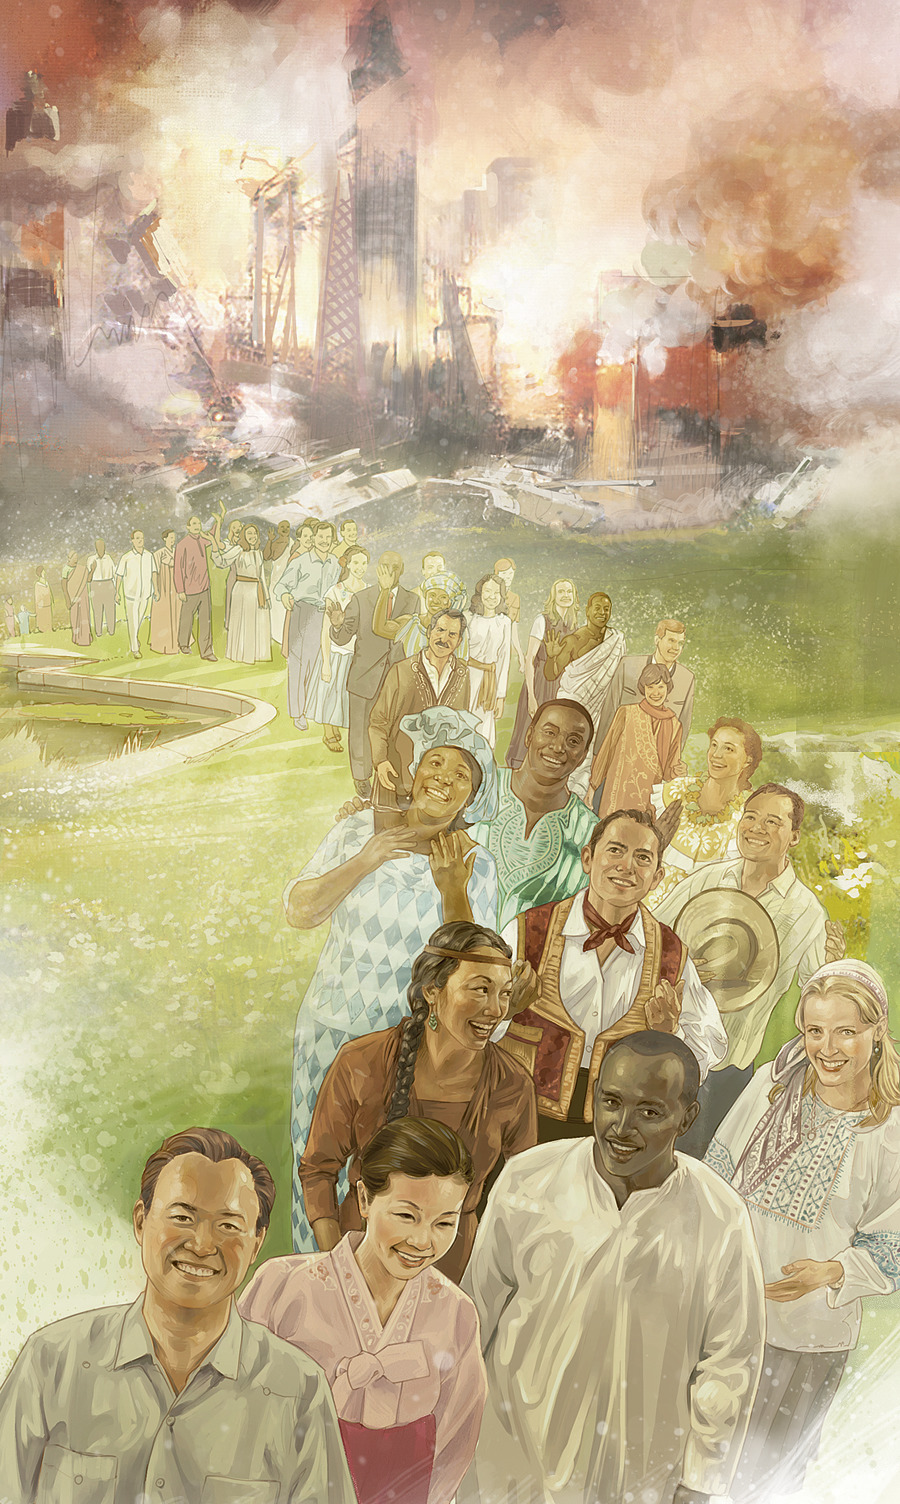 ソンケムン 聖書 の 預言